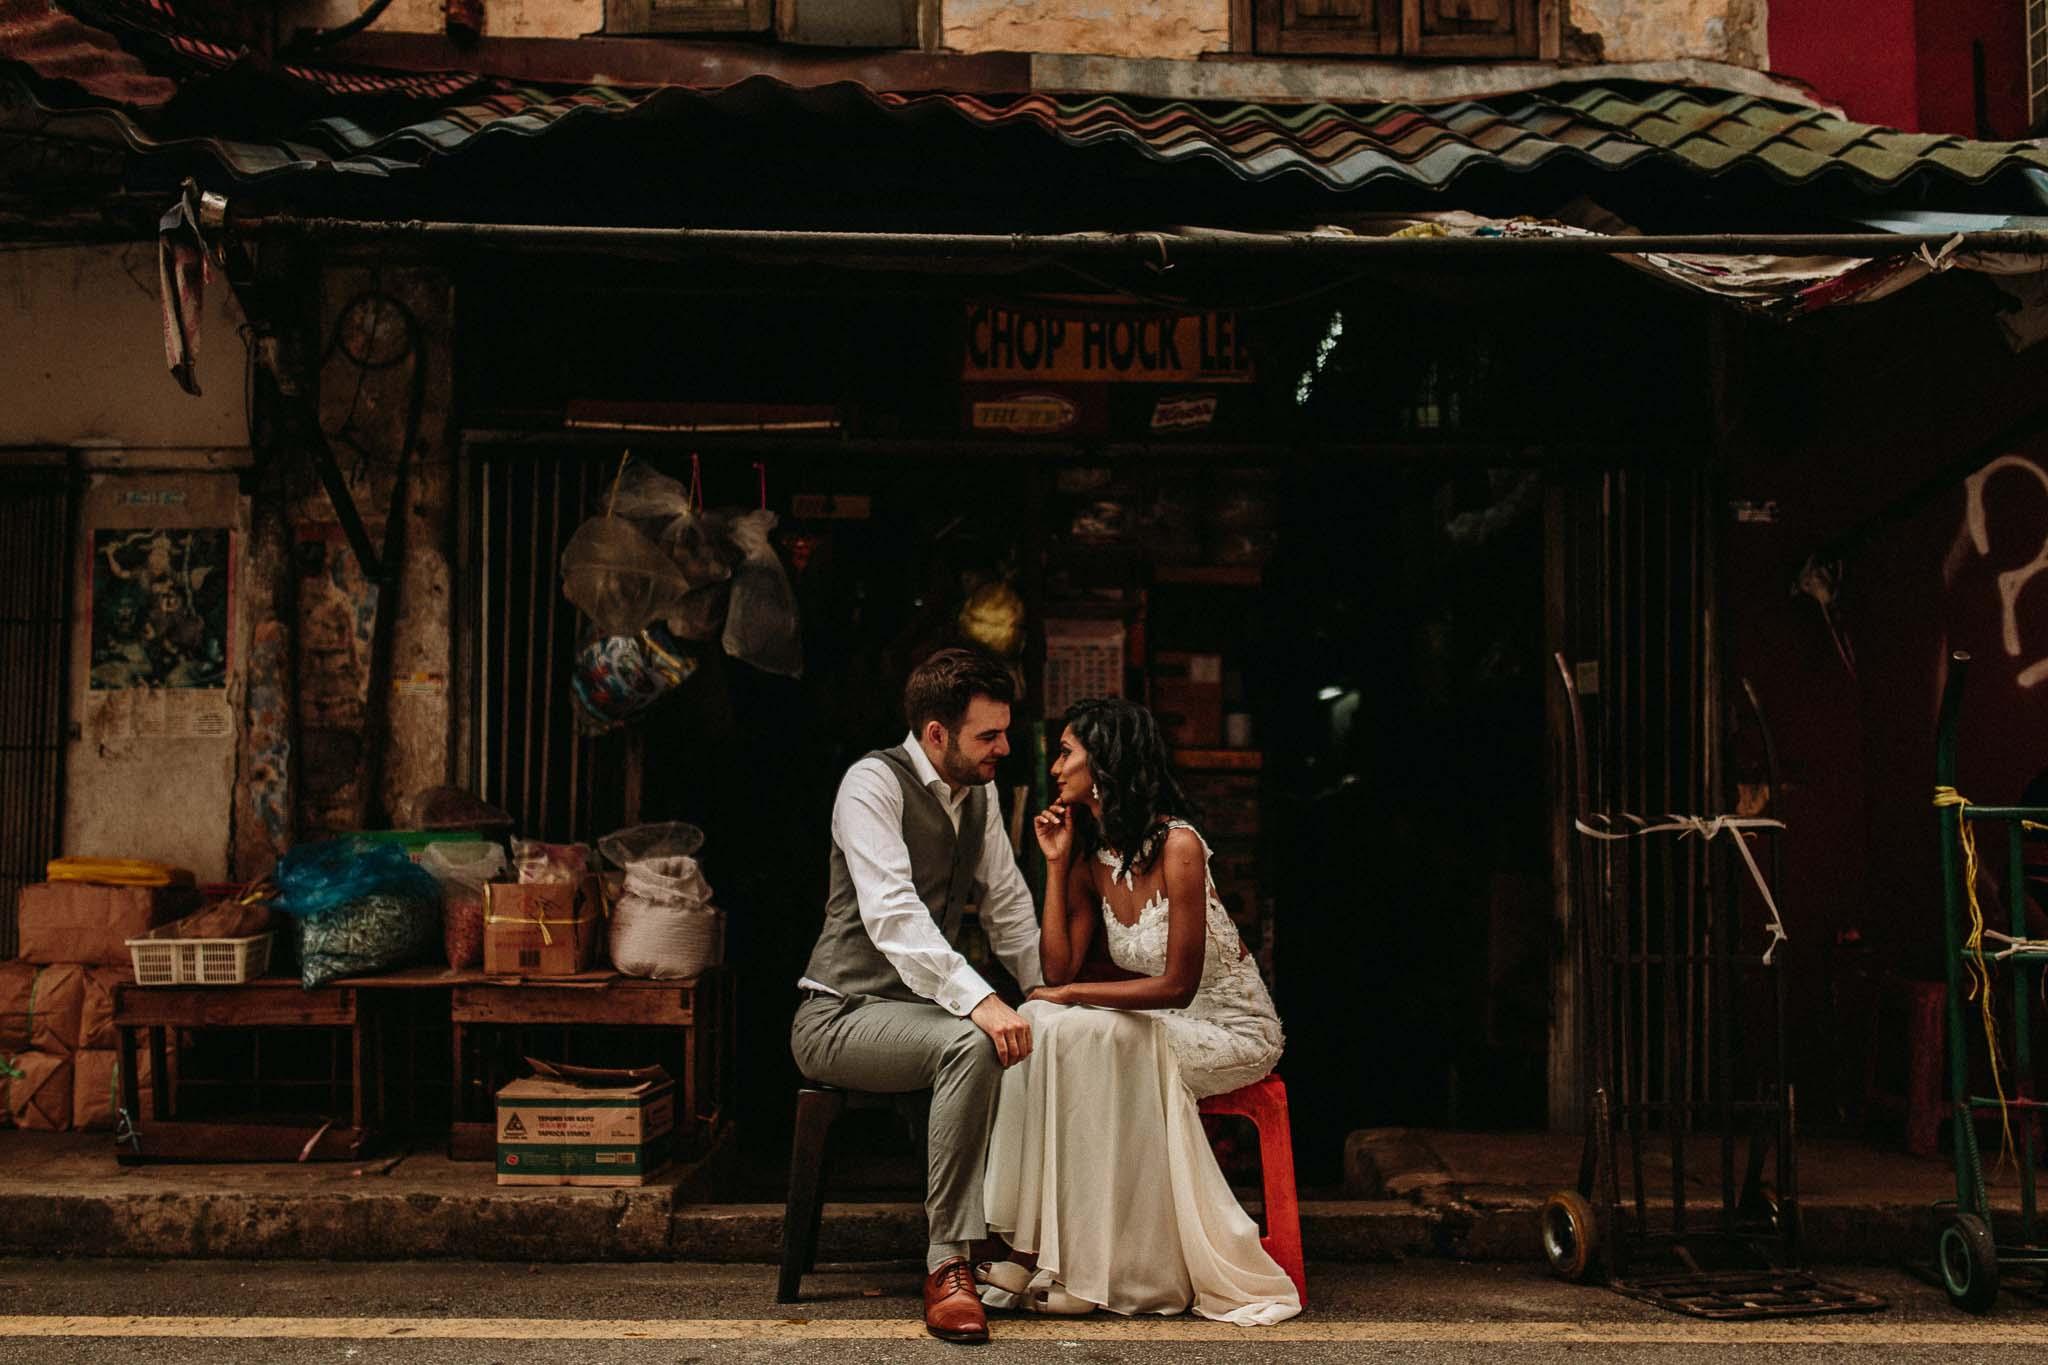 u&m-weddingsbyqay-lovesession-destinationweddingphotographer (93 of 160).jpg